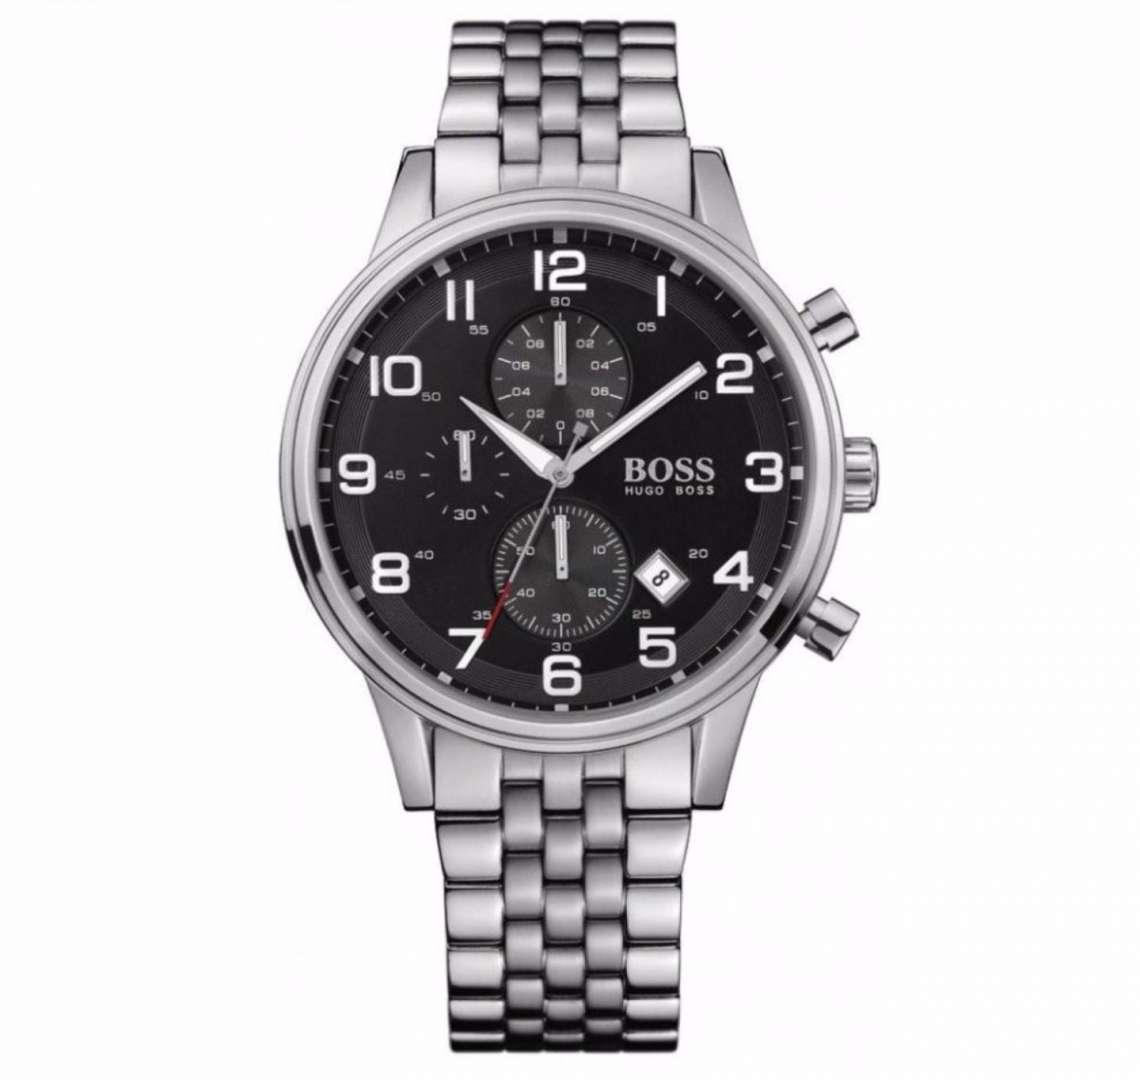 שעון יד אנלוגי לגבר hugo boss 1512446 הוגו בוס